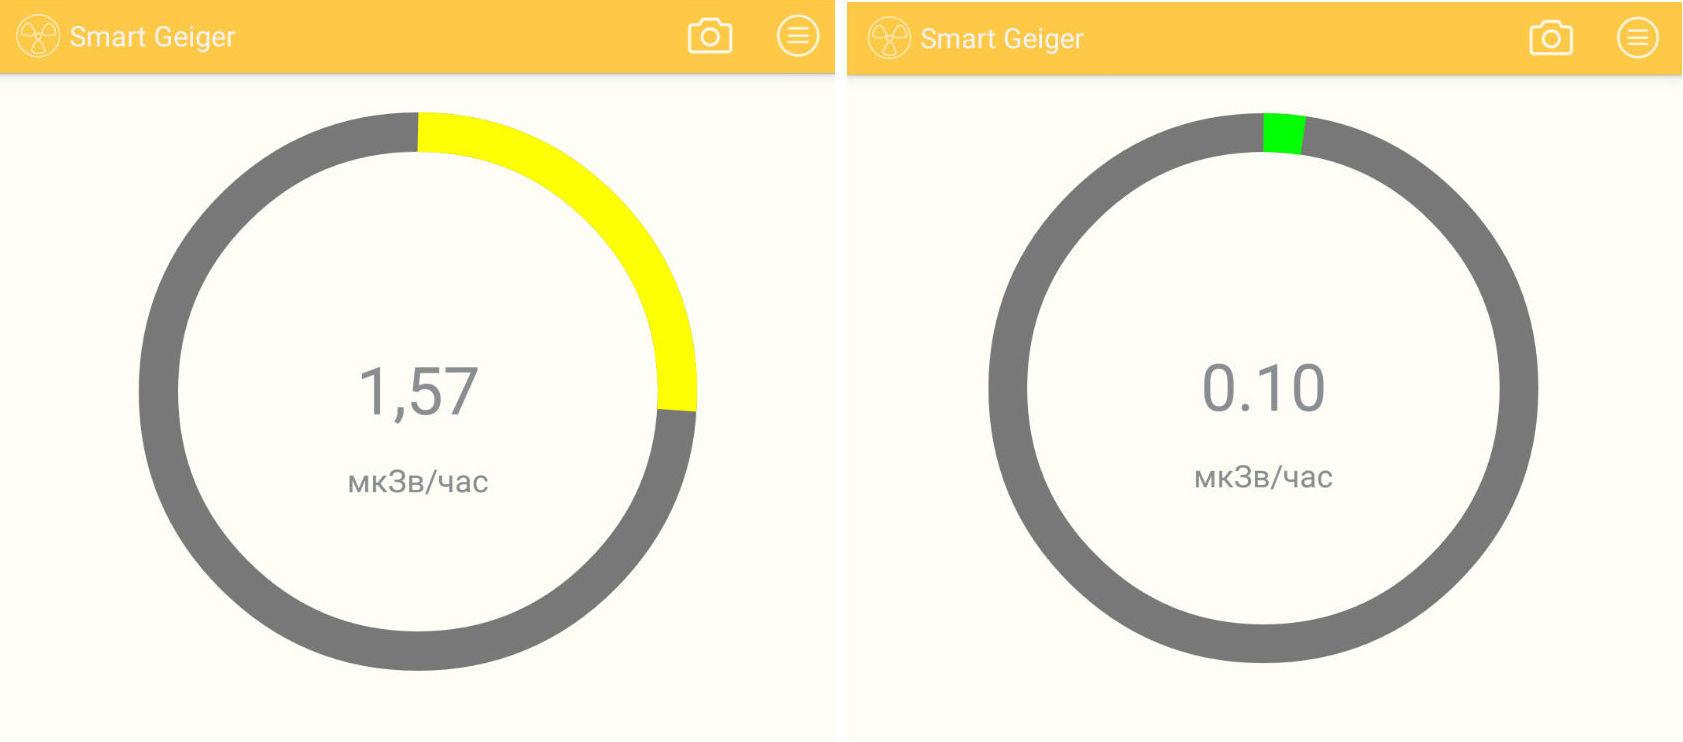 Smart Geiger — миниатюрный «датчик Гейгера» в смартфоне: коллекция насадок от FT Lab - 7